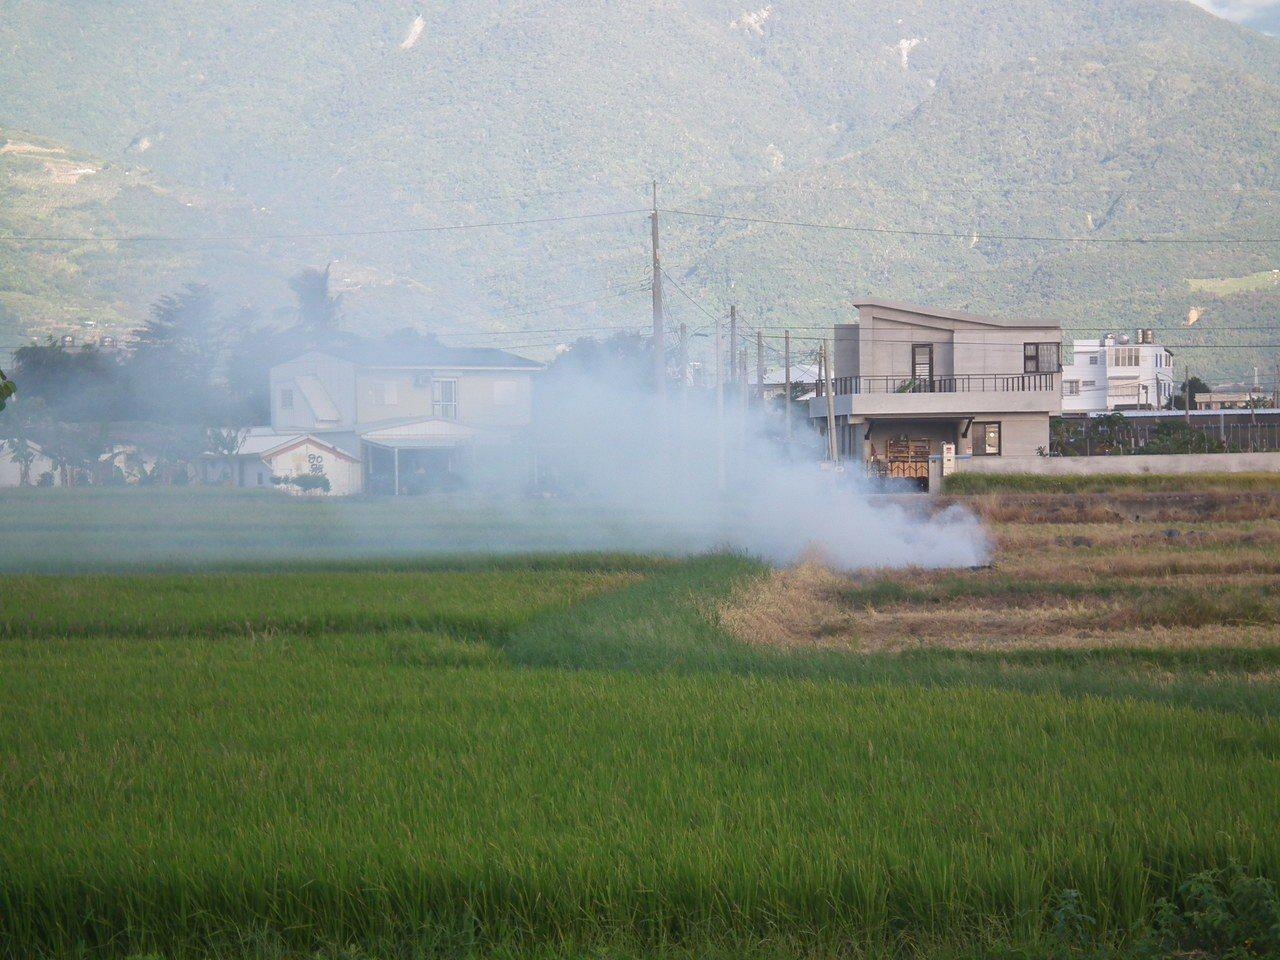 台東縣水稻種植面積居全縣之冠,部分農民常會以傳統燃燒方式處理稻梗。記者尤聰光/攝...